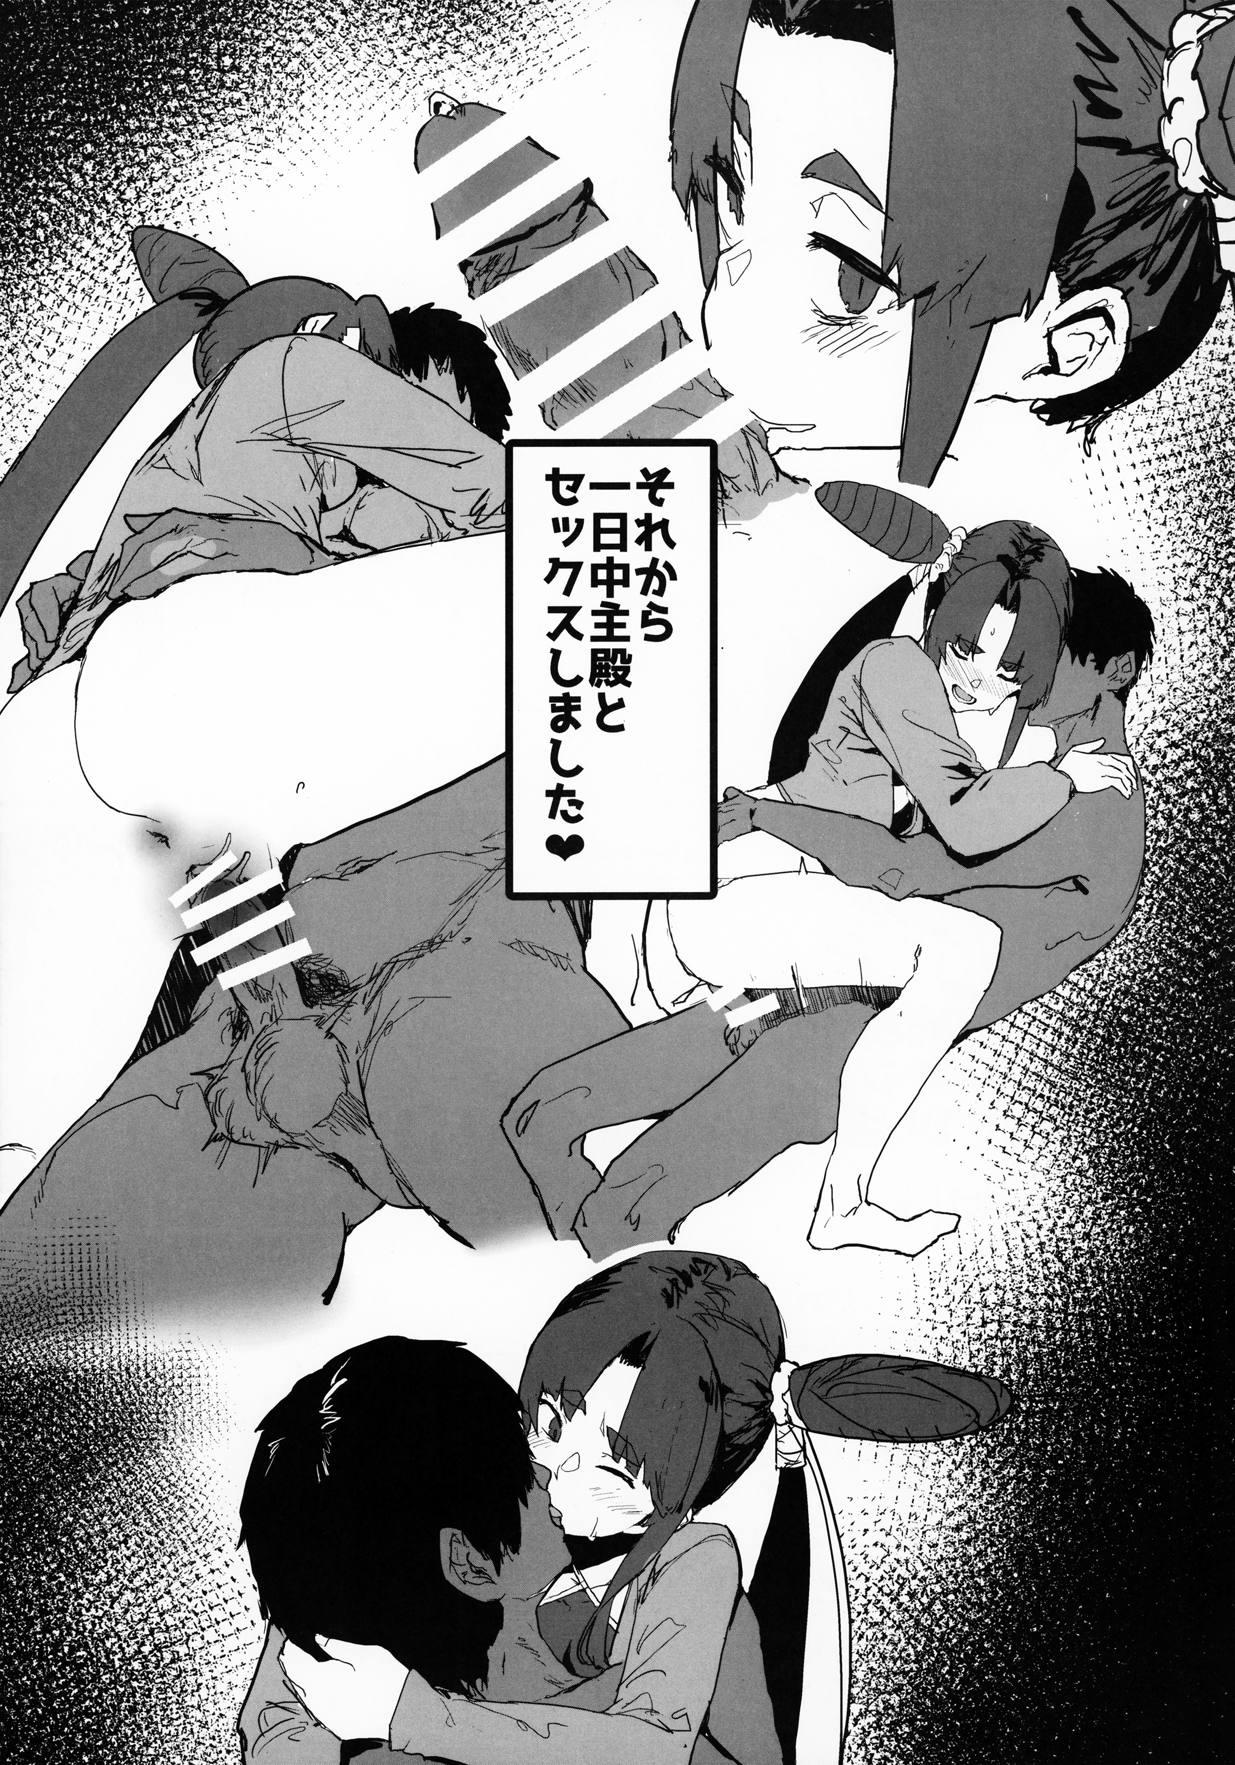 【エロ漫画】しっかり調教された忠犬マンコは扱いやすくて楽ですわwwオラ!!しっかり孕むんだよ!!